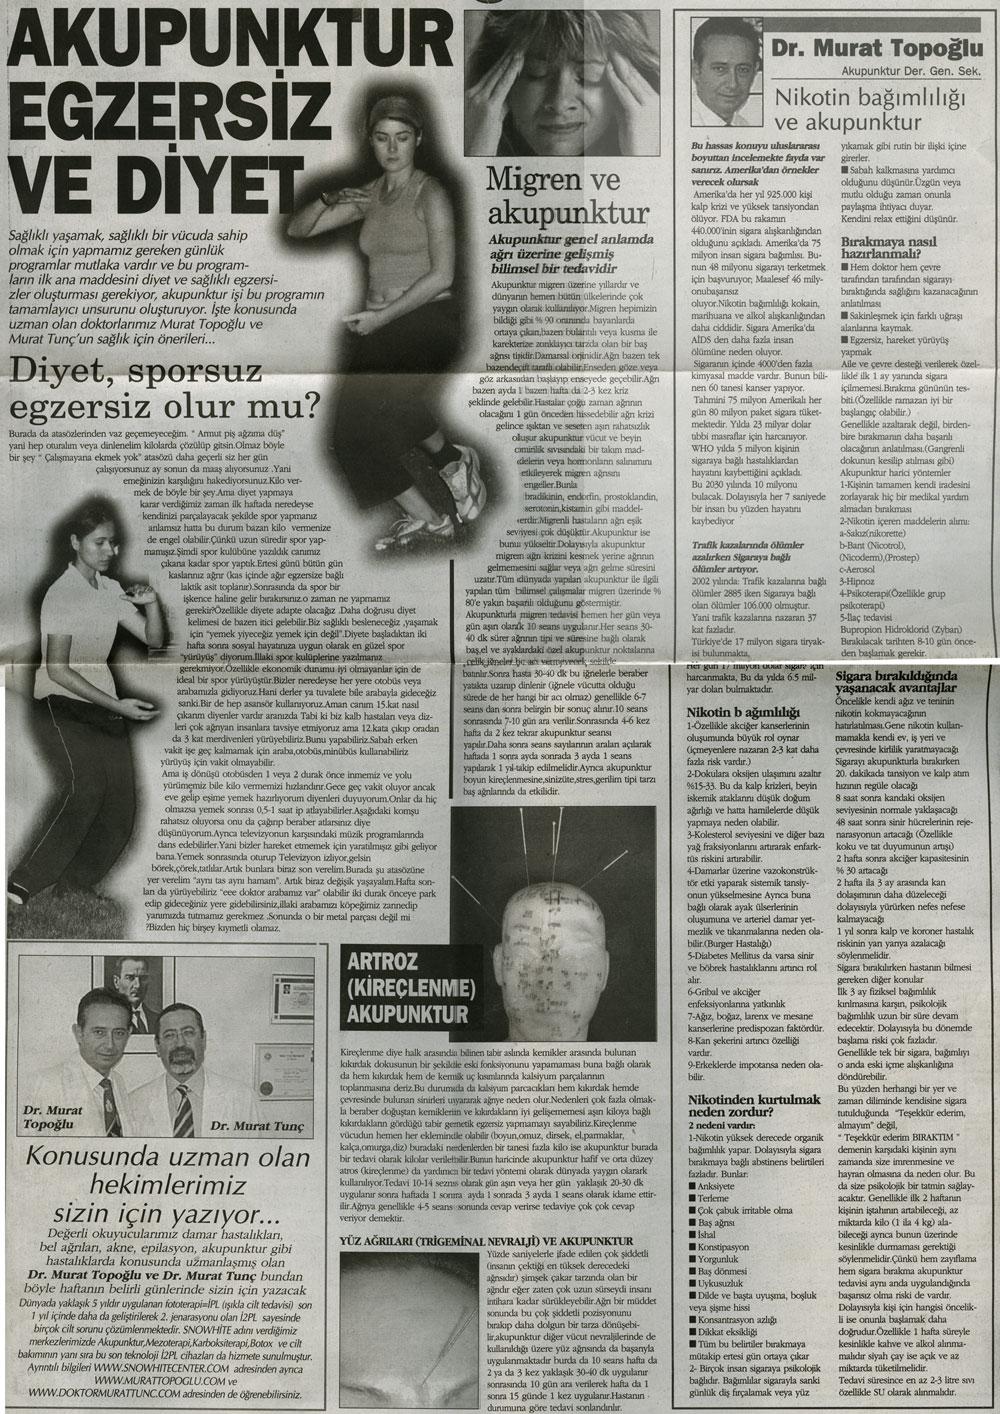 Dr. Murat TOPOĞLU Gazete ve Dergi Haberleri - 31